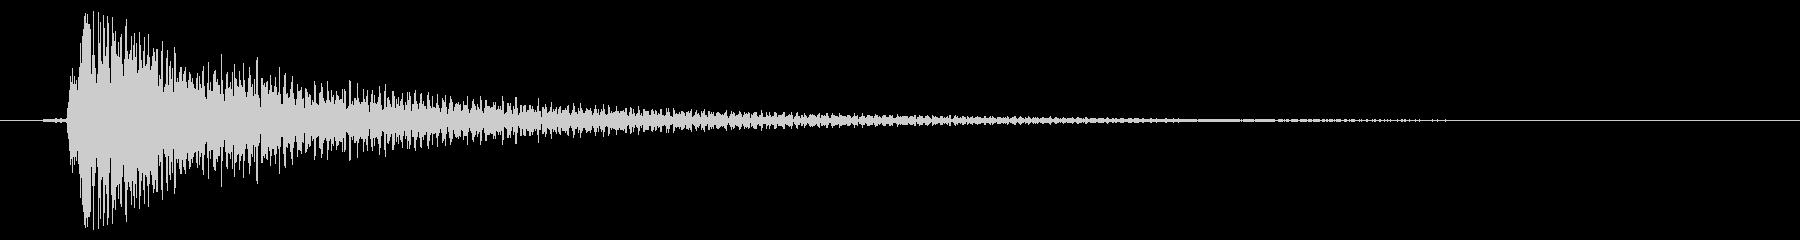 素材 ナイロンギターコードハイディ...の未再生の波形